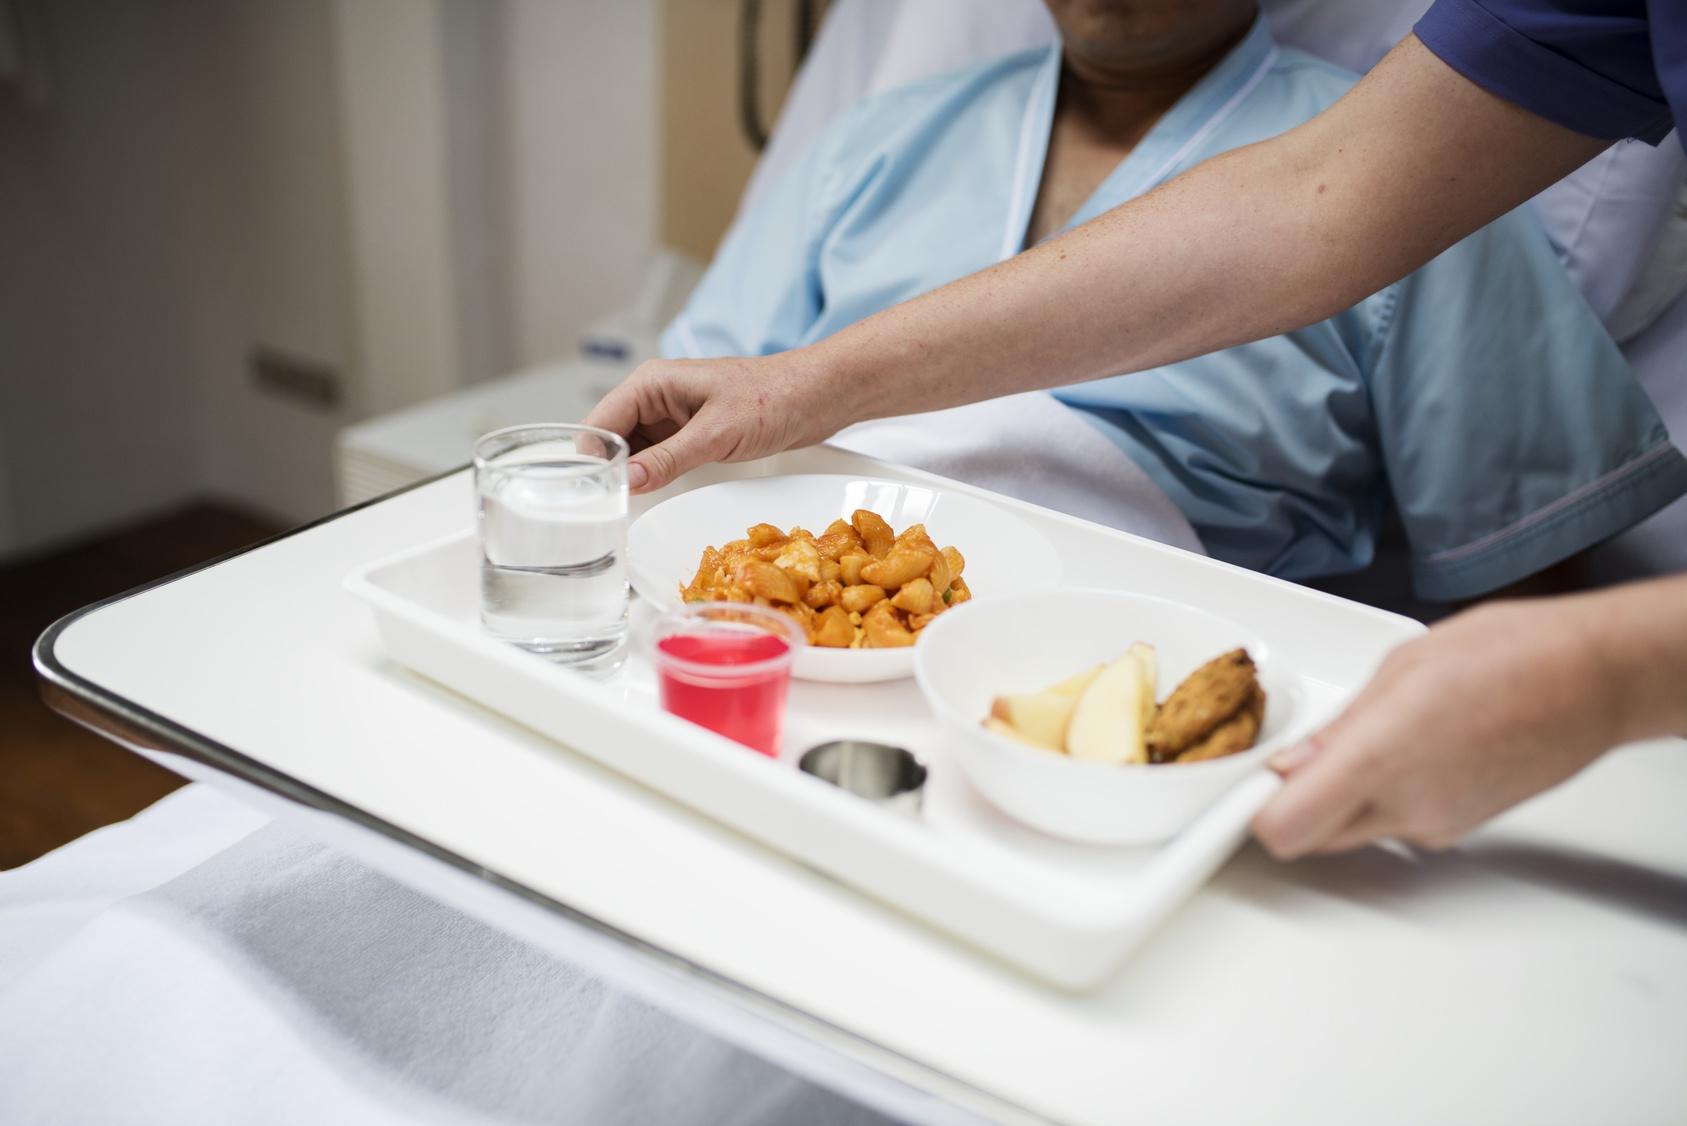 LA HORA DEL ALMUERZO EN EL HOSPITAL/病院でお昼の時間